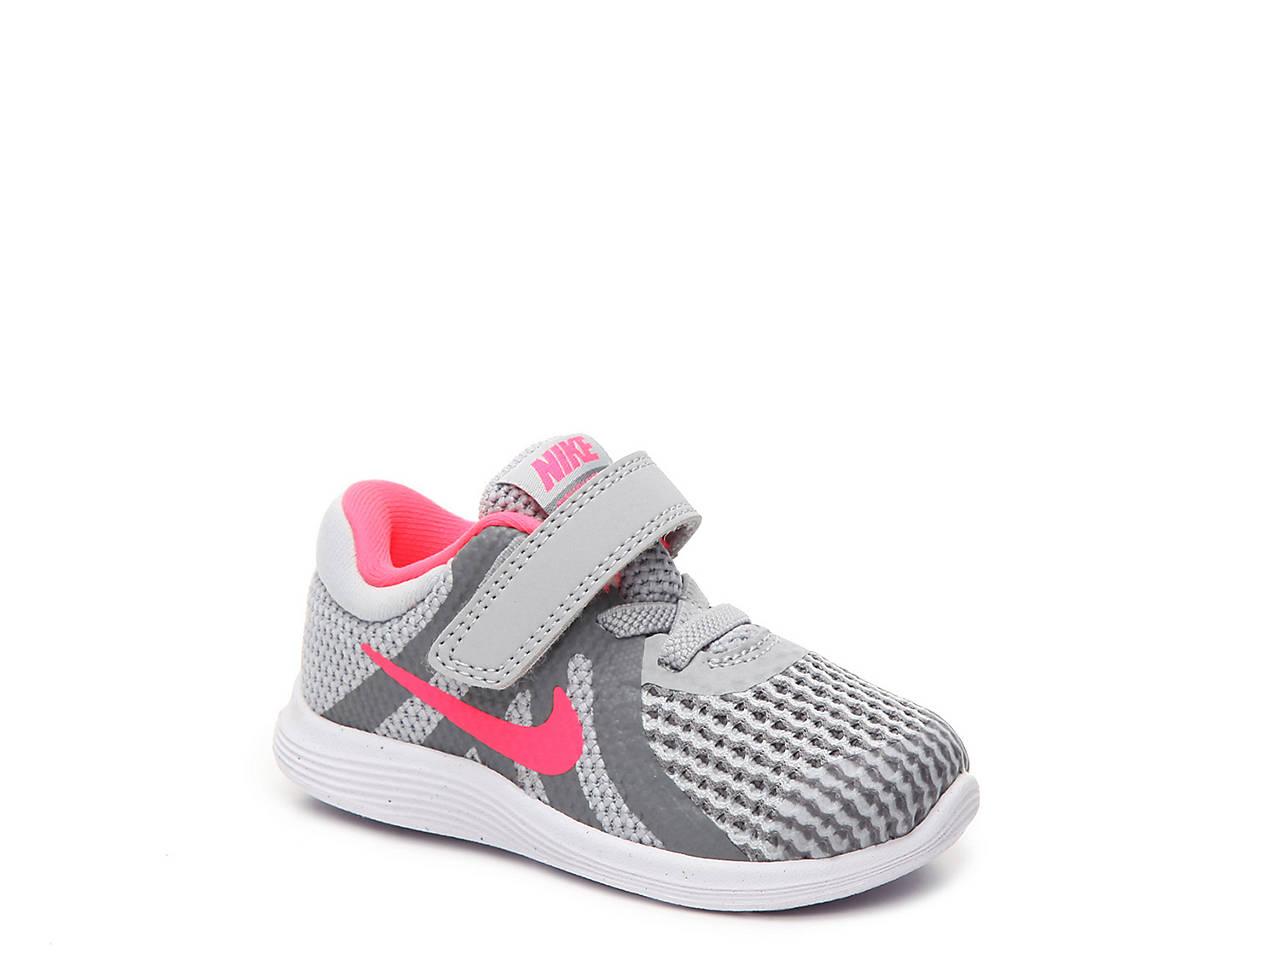 7c2e3910e03 Nike Revolution 4 Infant   Toddler Running Shoe Kids Shoes